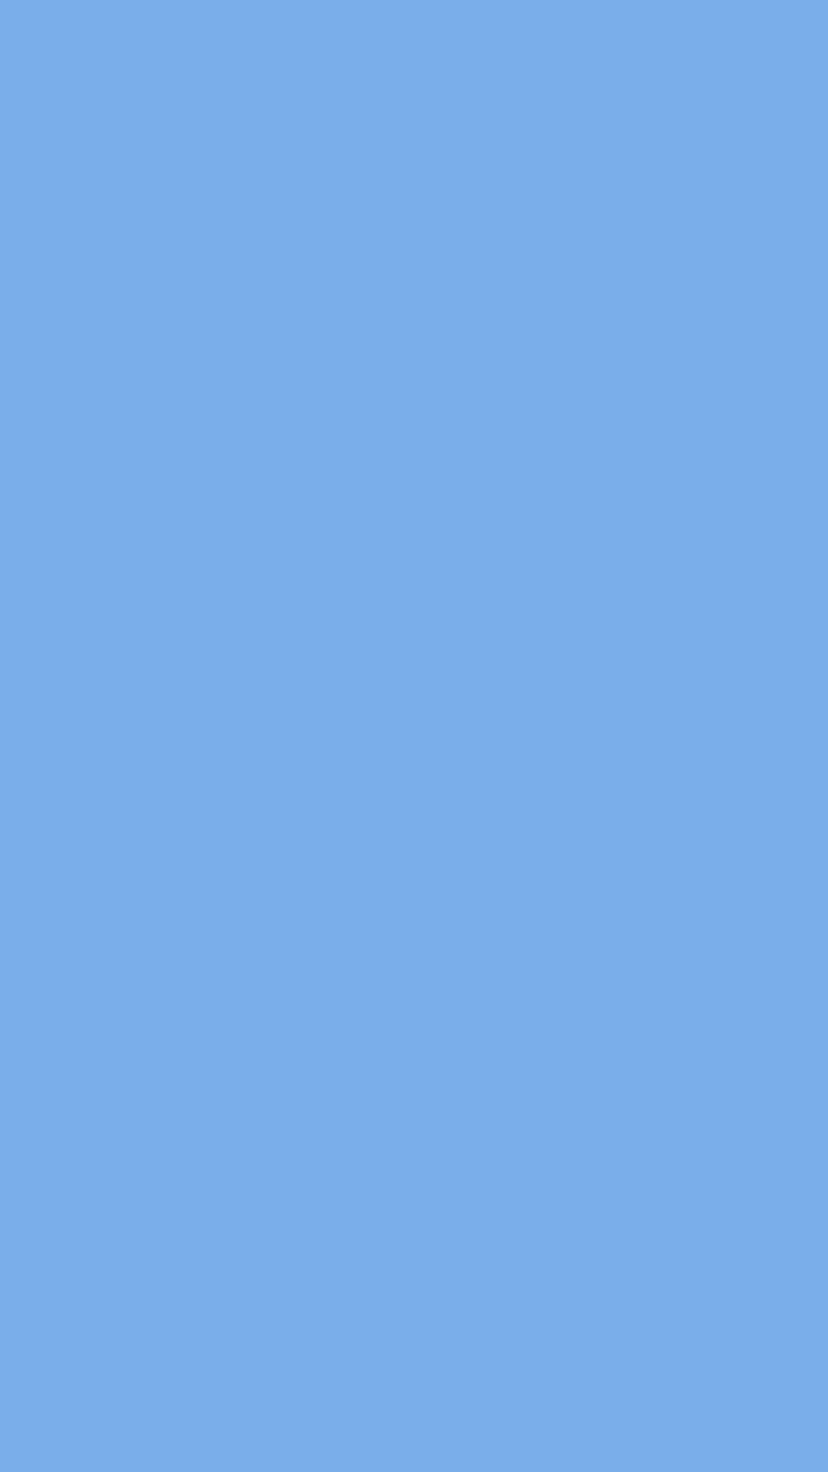 Fondo azul pastel liso gratis